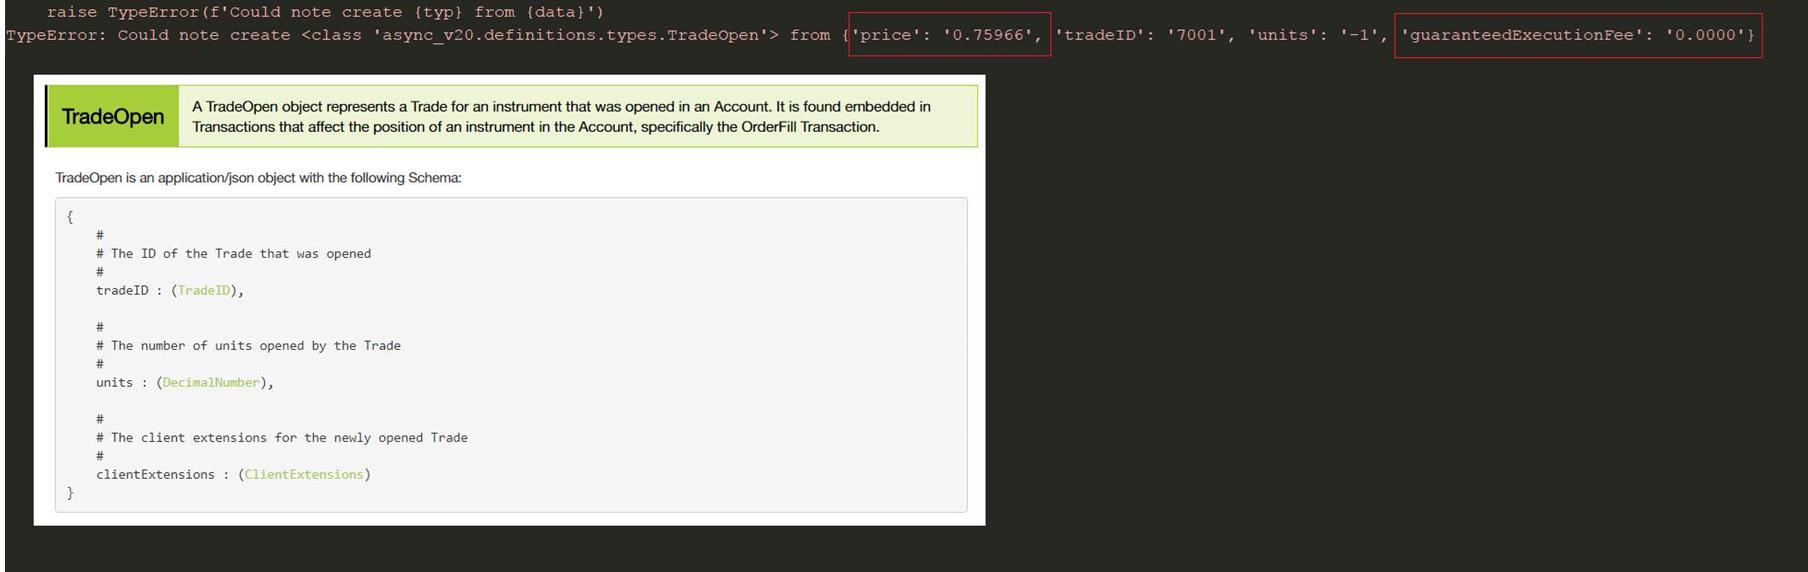 KeyError / Attribute error when parsing OANDA JSON · Issue